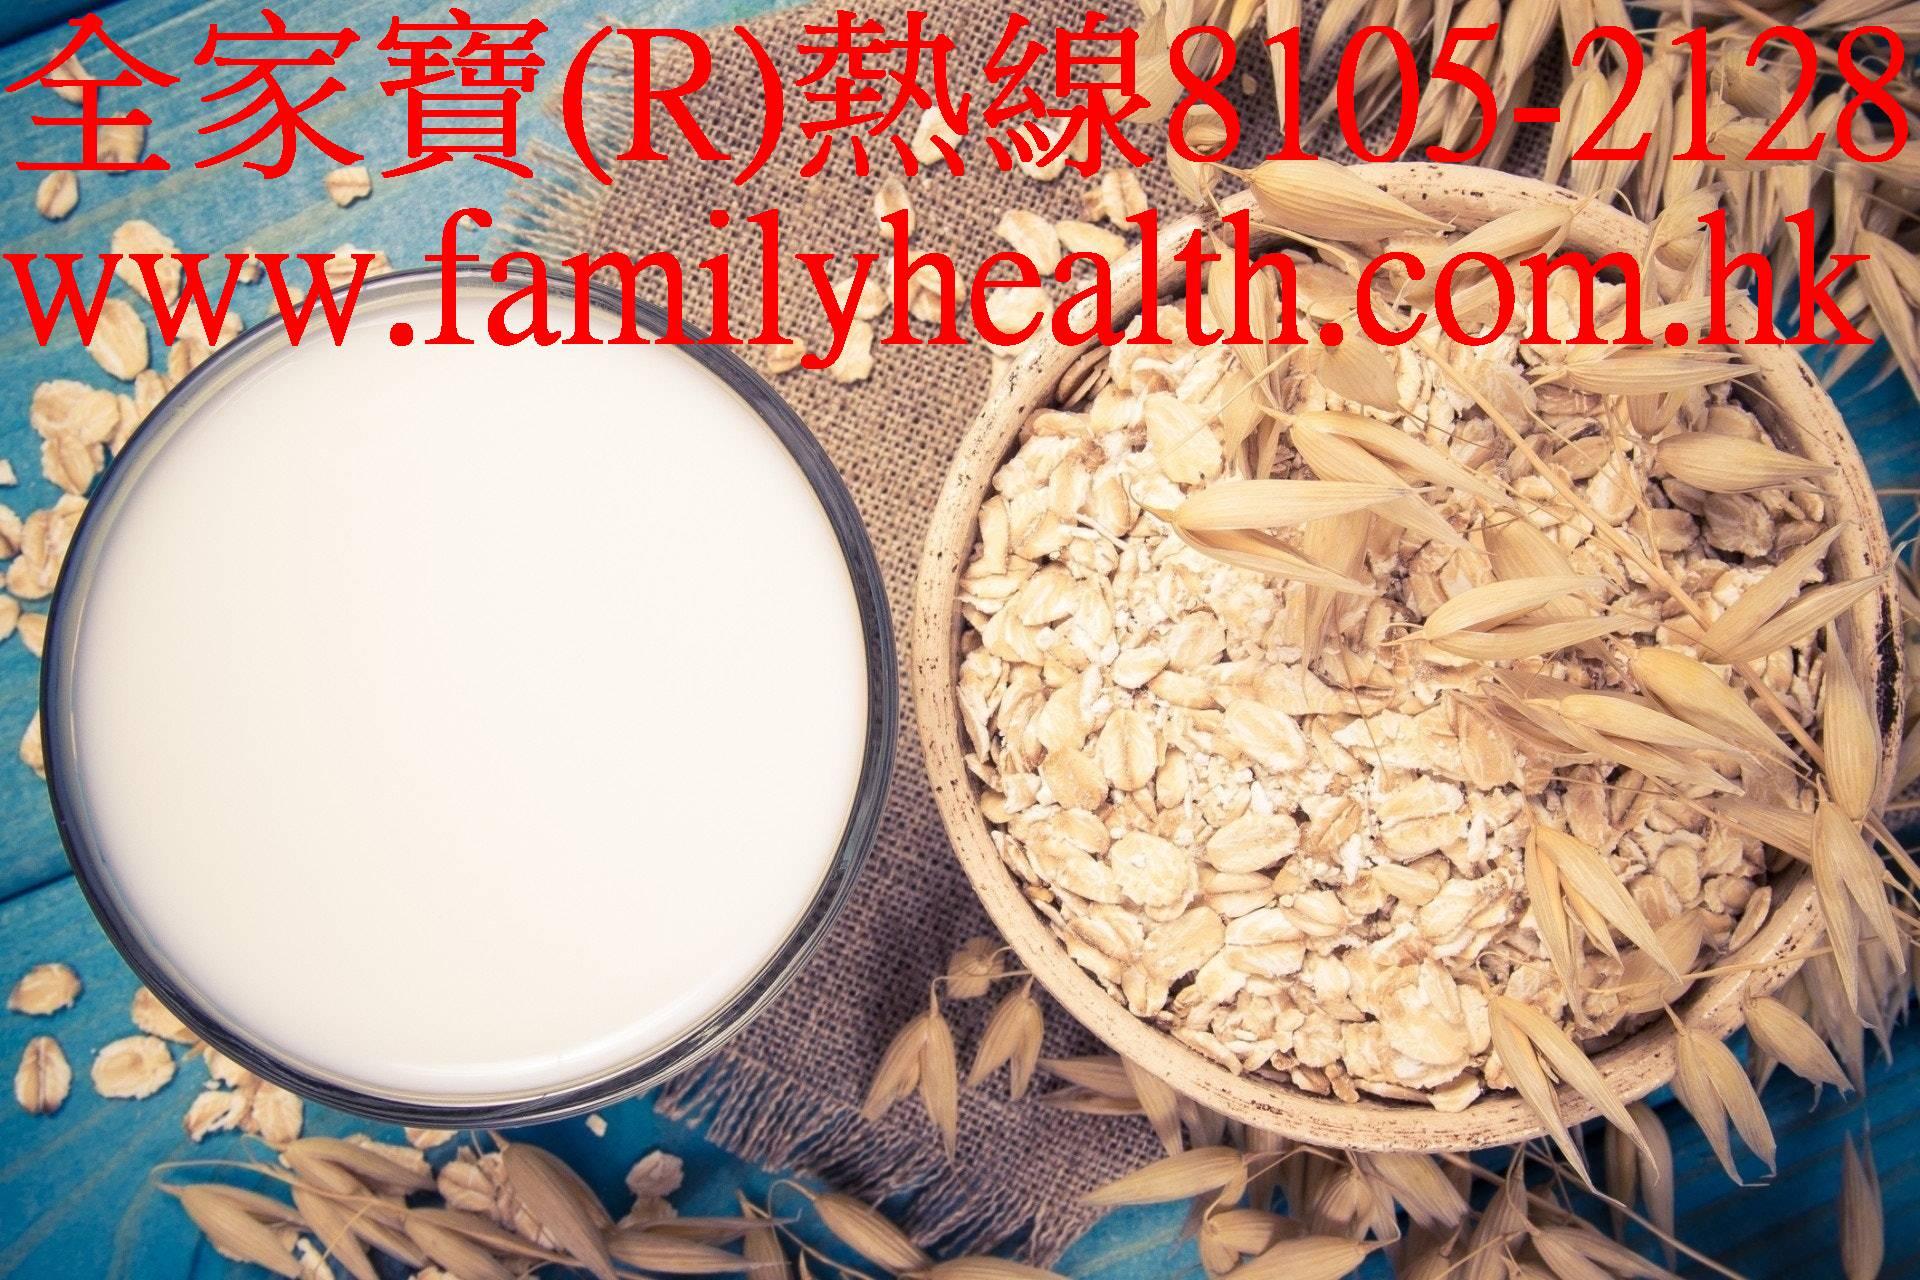 http://www.familyhealth.com.hk/files/full/1178_4.jpg